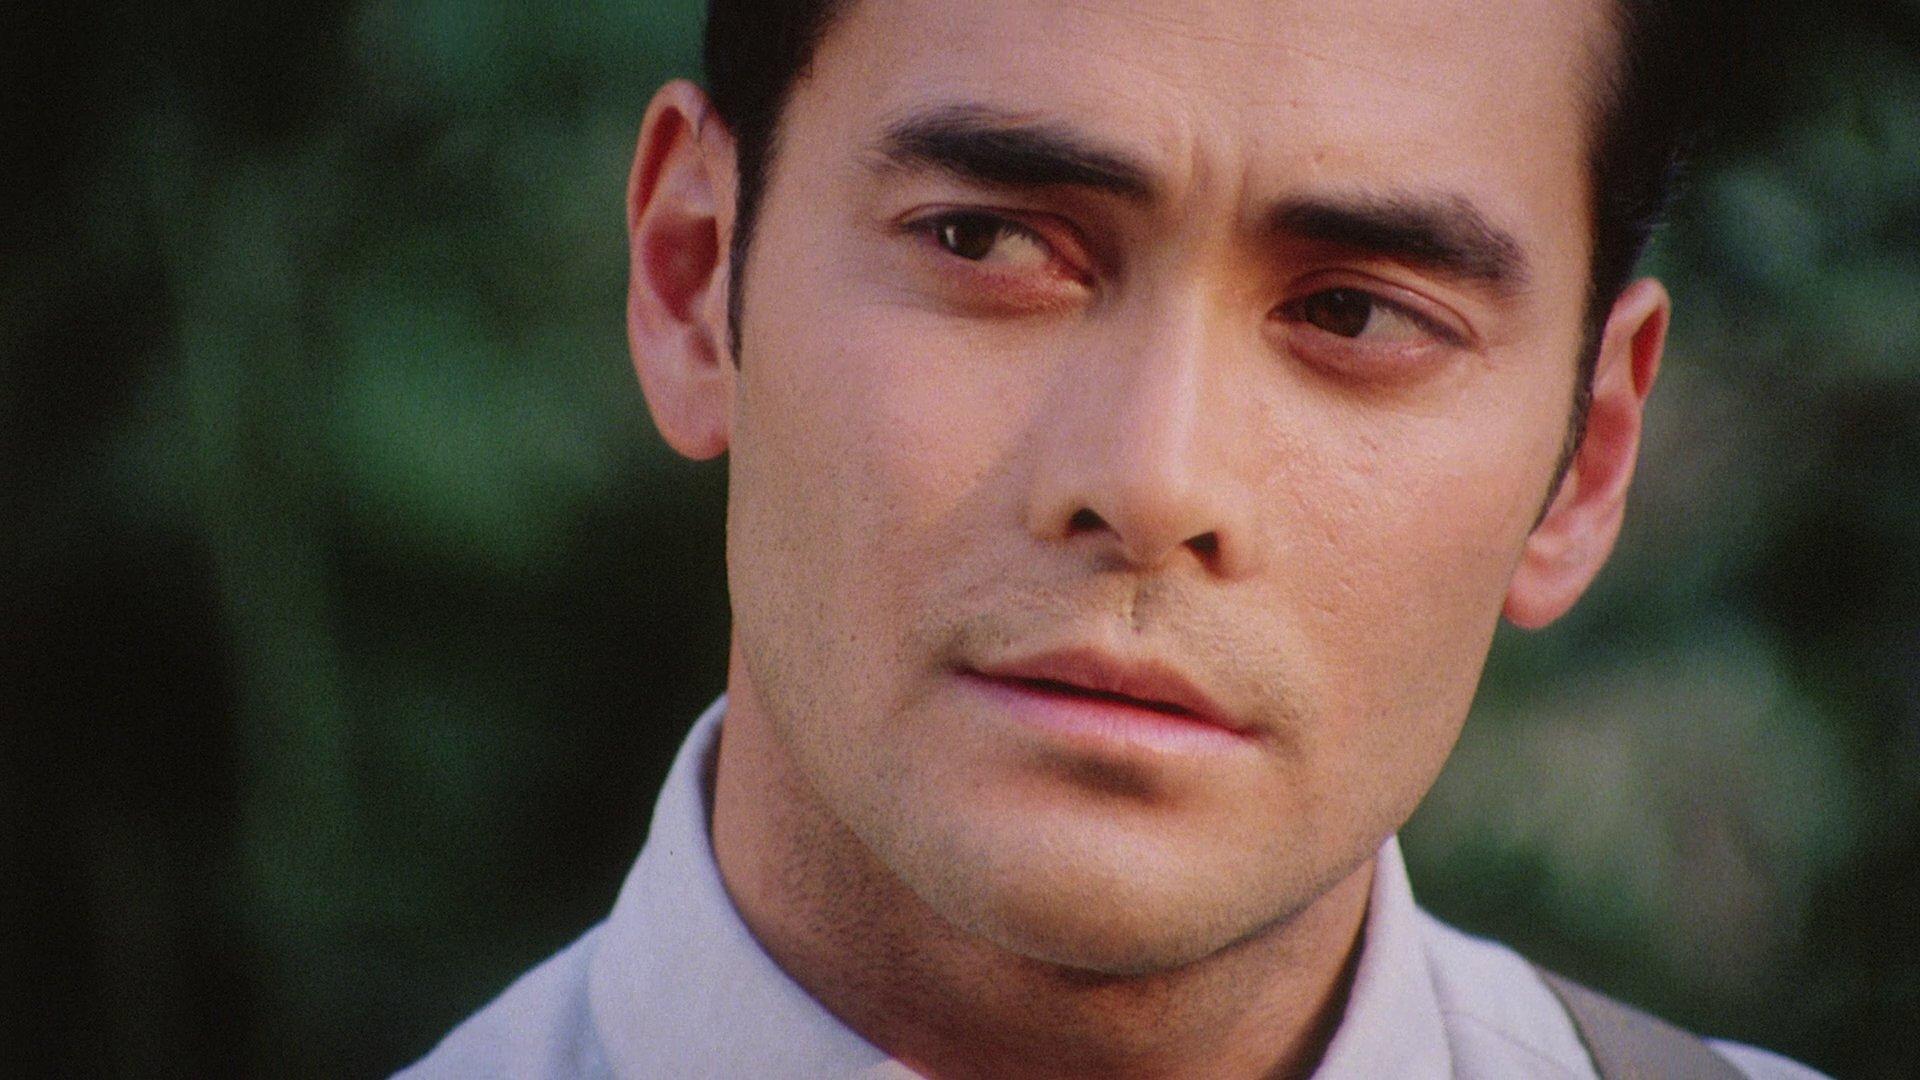 этого фото молодой актер марк дакаскос универсал своей